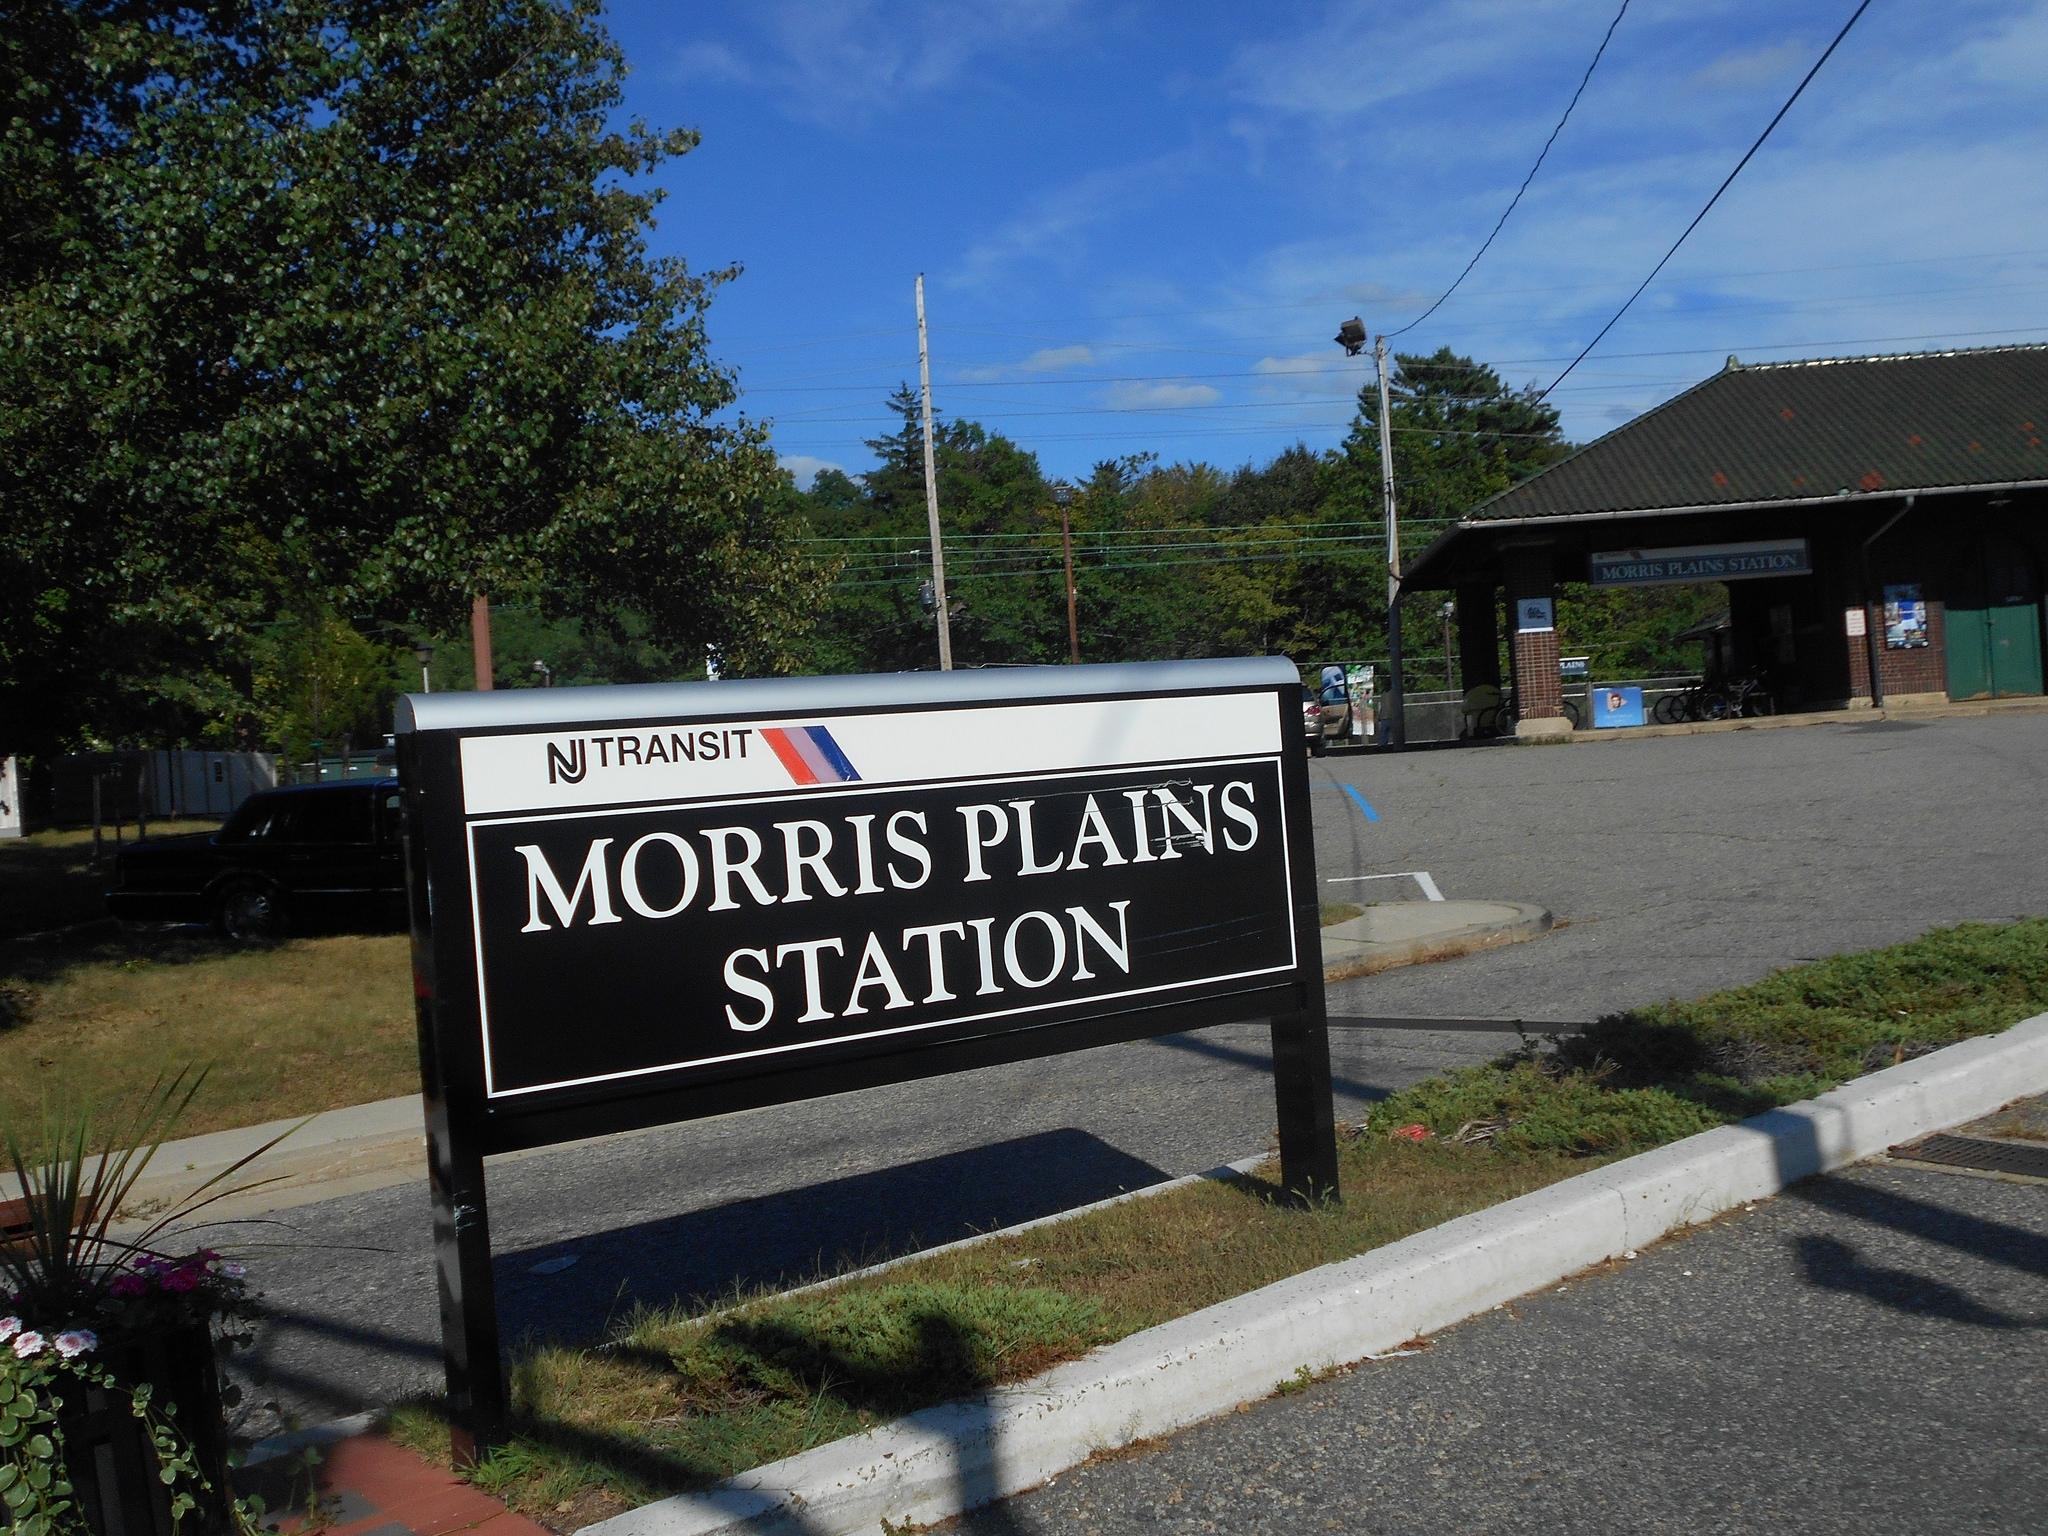 38a64312acaa421d5674_morris_plains_train_station_by_adam_moss.JPG